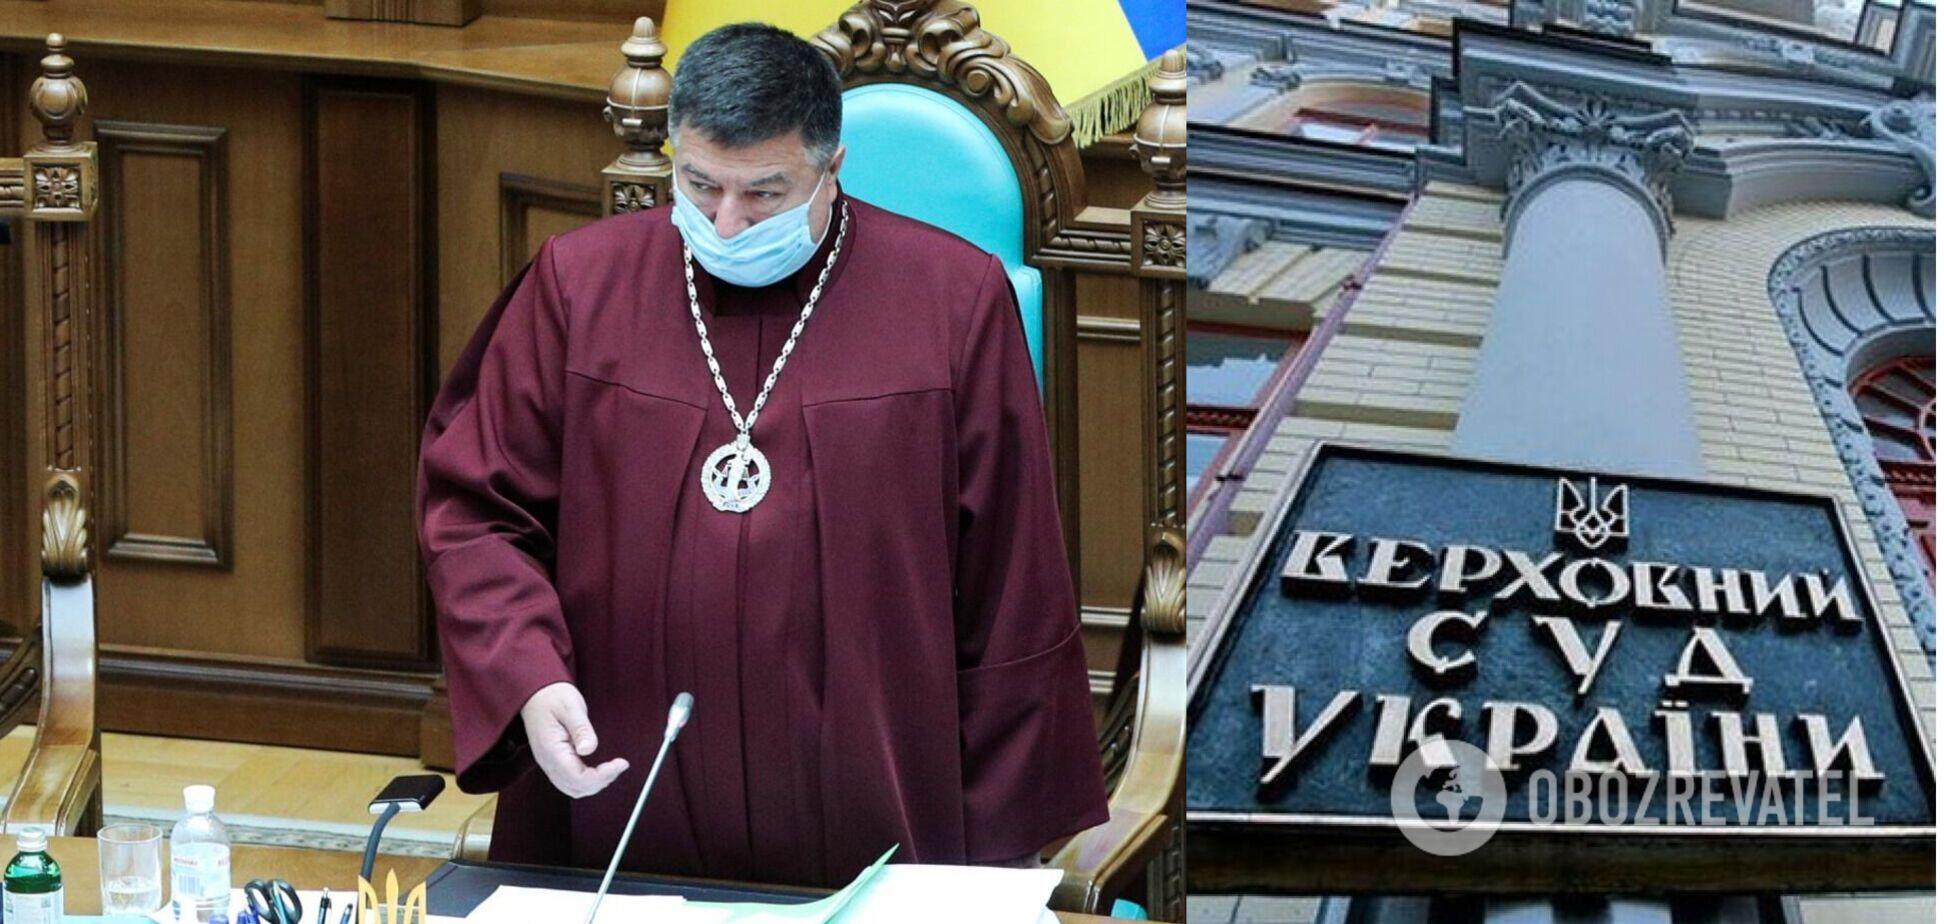 Верховний суд відмовився розглядати другий позов до Зеленського про усунення Тупицького